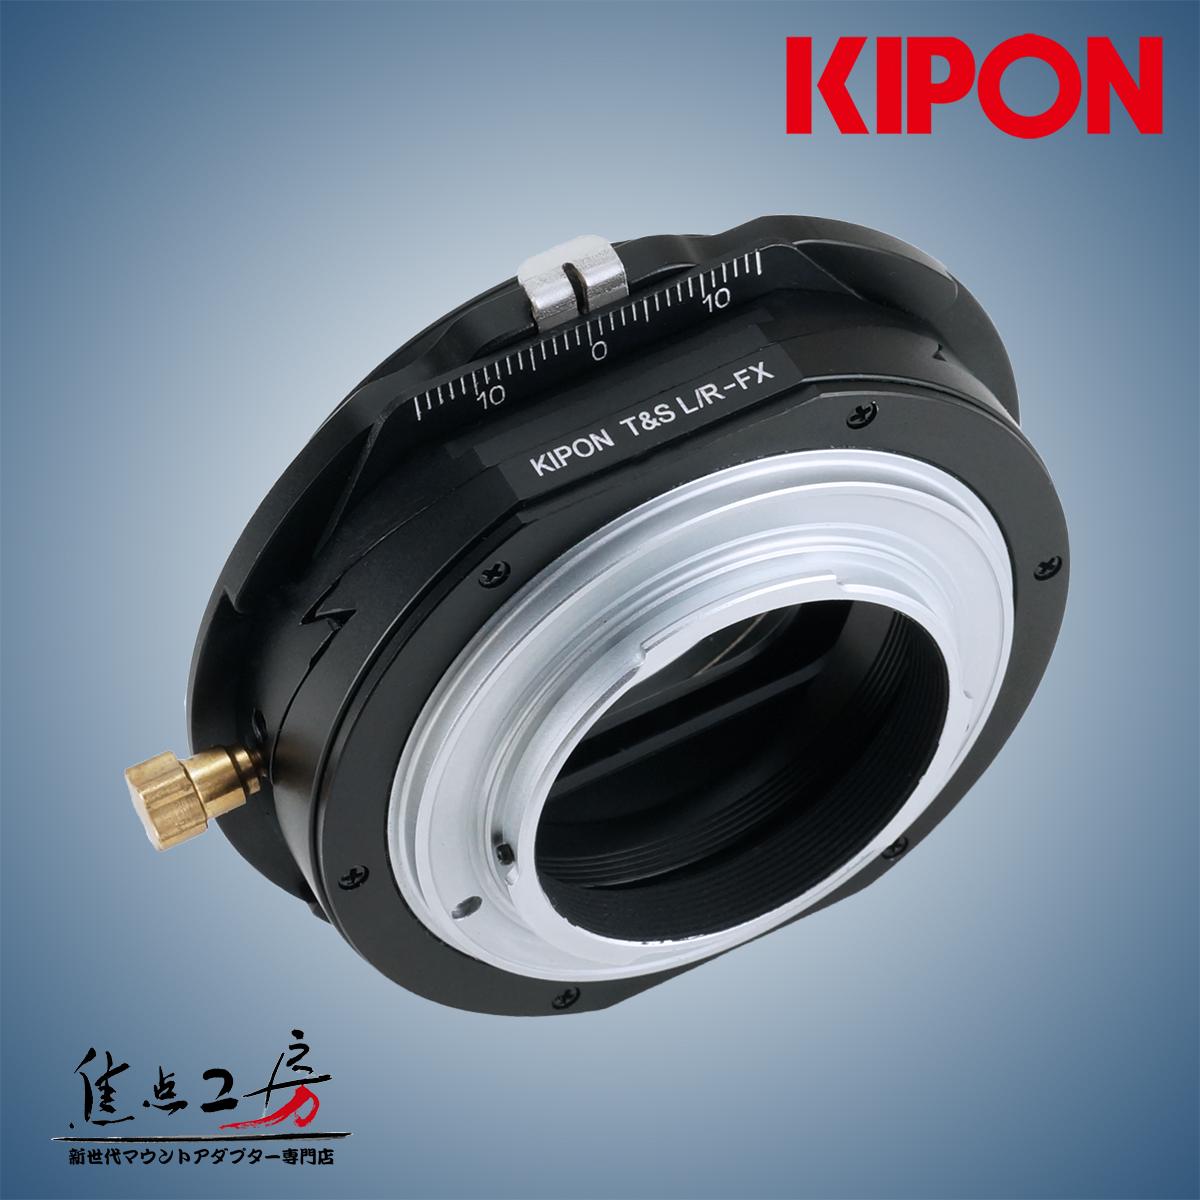 マウントアダプター KIPON T&S L/R-FX ライカRマウントレンズ - 富士フィルムXマウントカメラ アオリ(ティルト&シフト)機構搭載